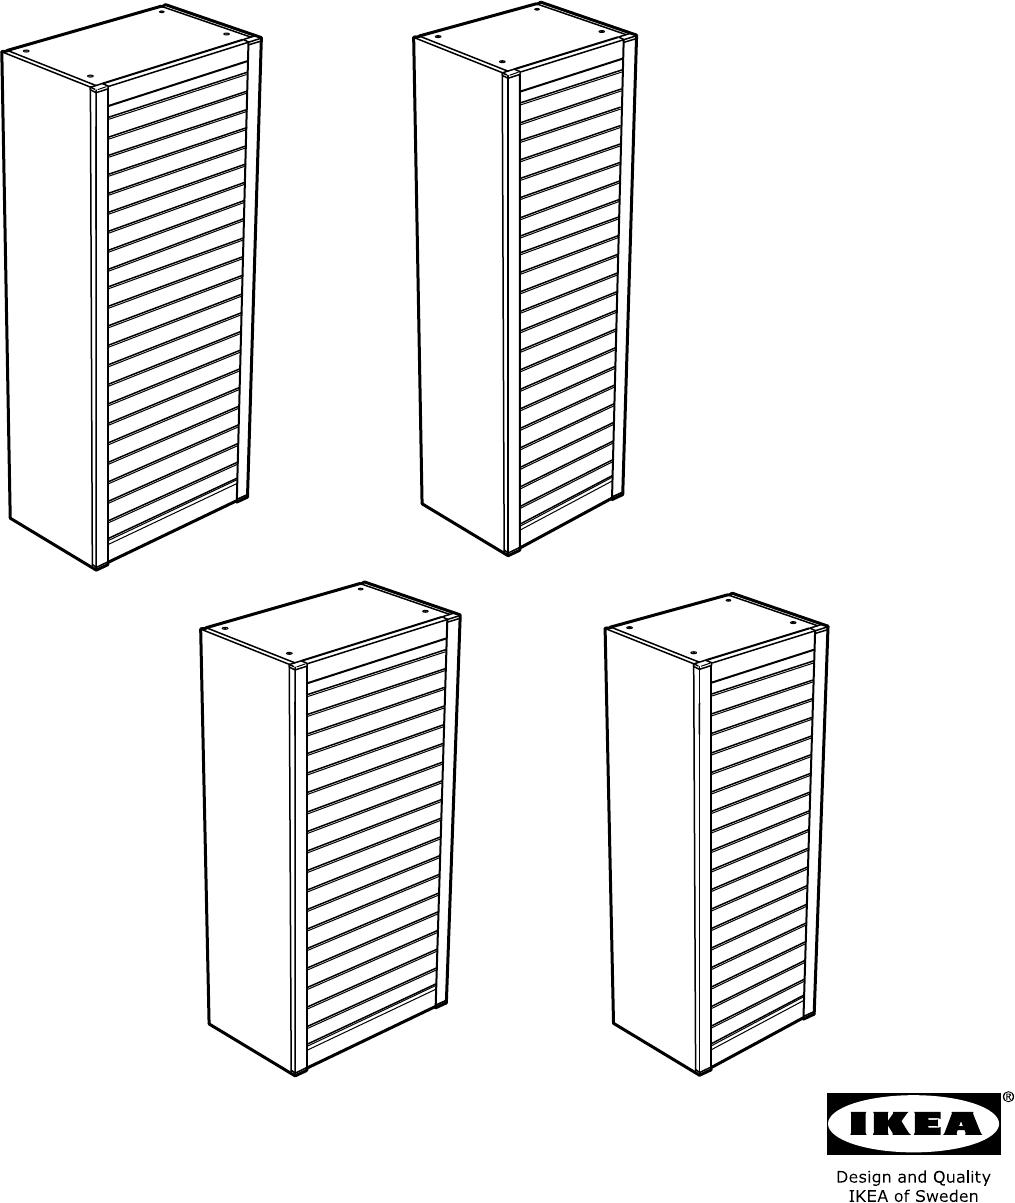 Full Size of Jalousieschrank Rolladenschrank Ikea Bedienungsanleitung Avsikt Rolluikkast Seite 1 Von 36 Küche Kaufen Sofa Mit Schlaffunktion Miniküche Modulküche Kosten Wohnzimmer Jalousieschrank Rolladenschrank Ikea